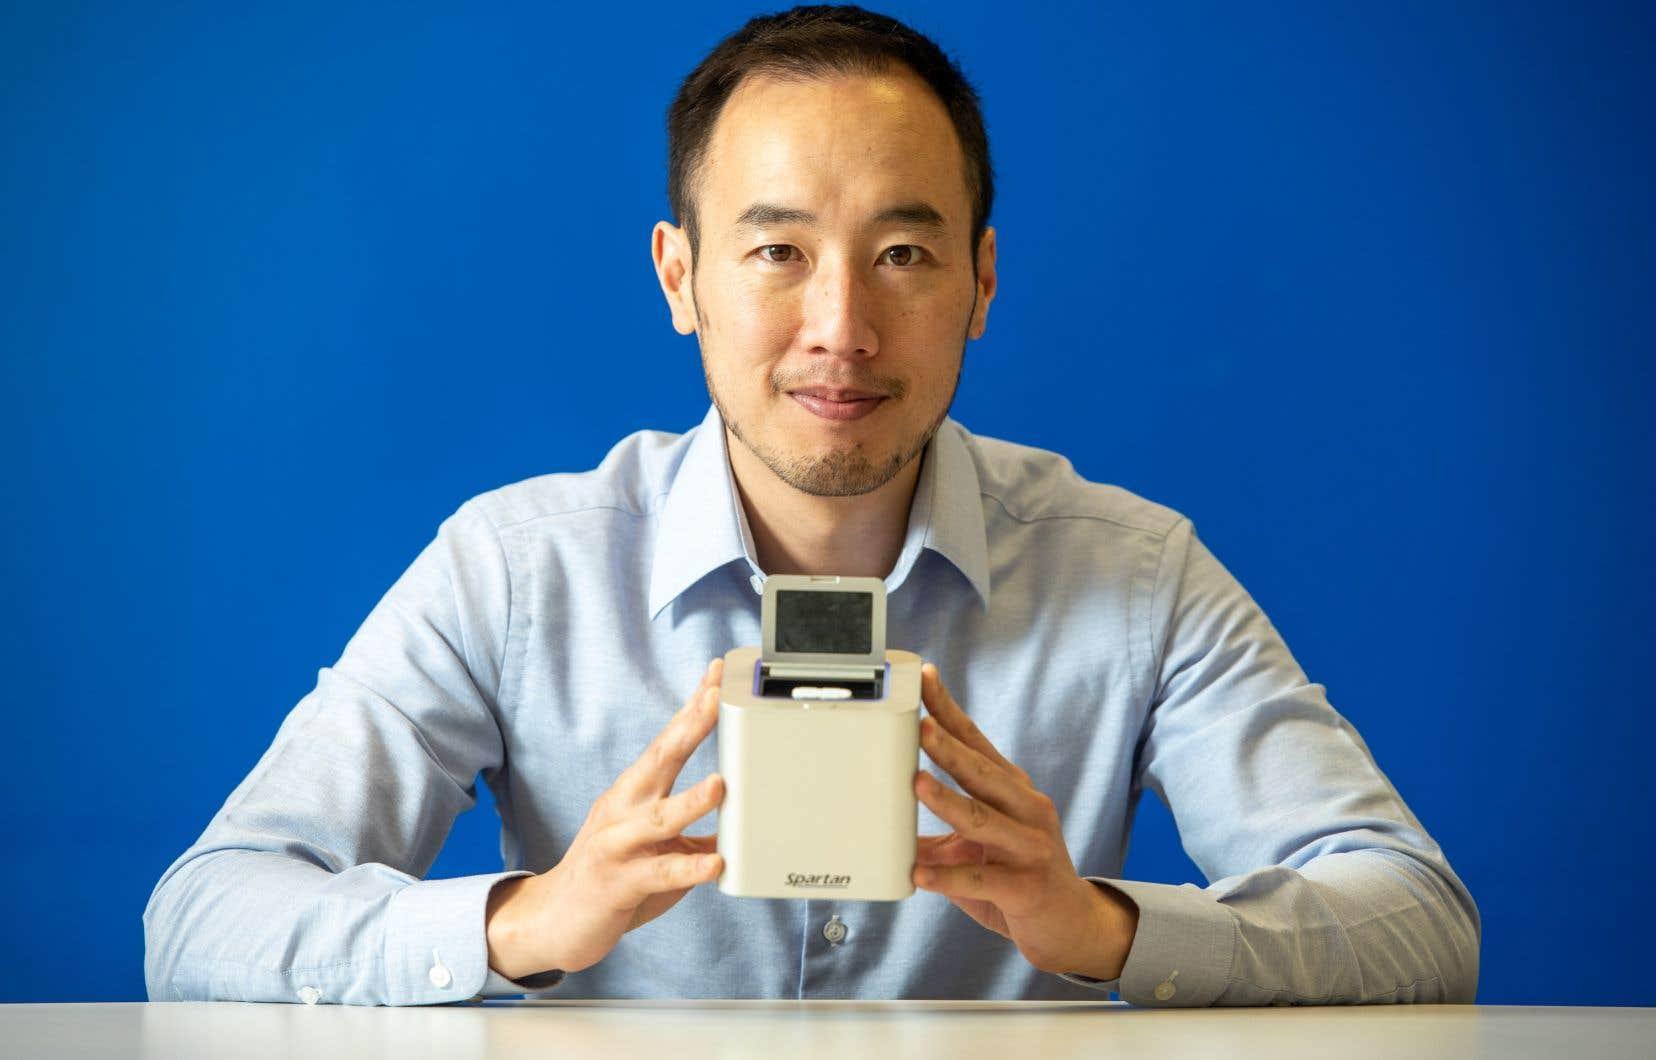 <p>L'appareil portatif, de la taille d'une tasse de café, a été nommé le «cube Spartan» par l'entreprise de biotechnologie basée à Ottawa qui l'a développé, Spartan Bioscience.</p>